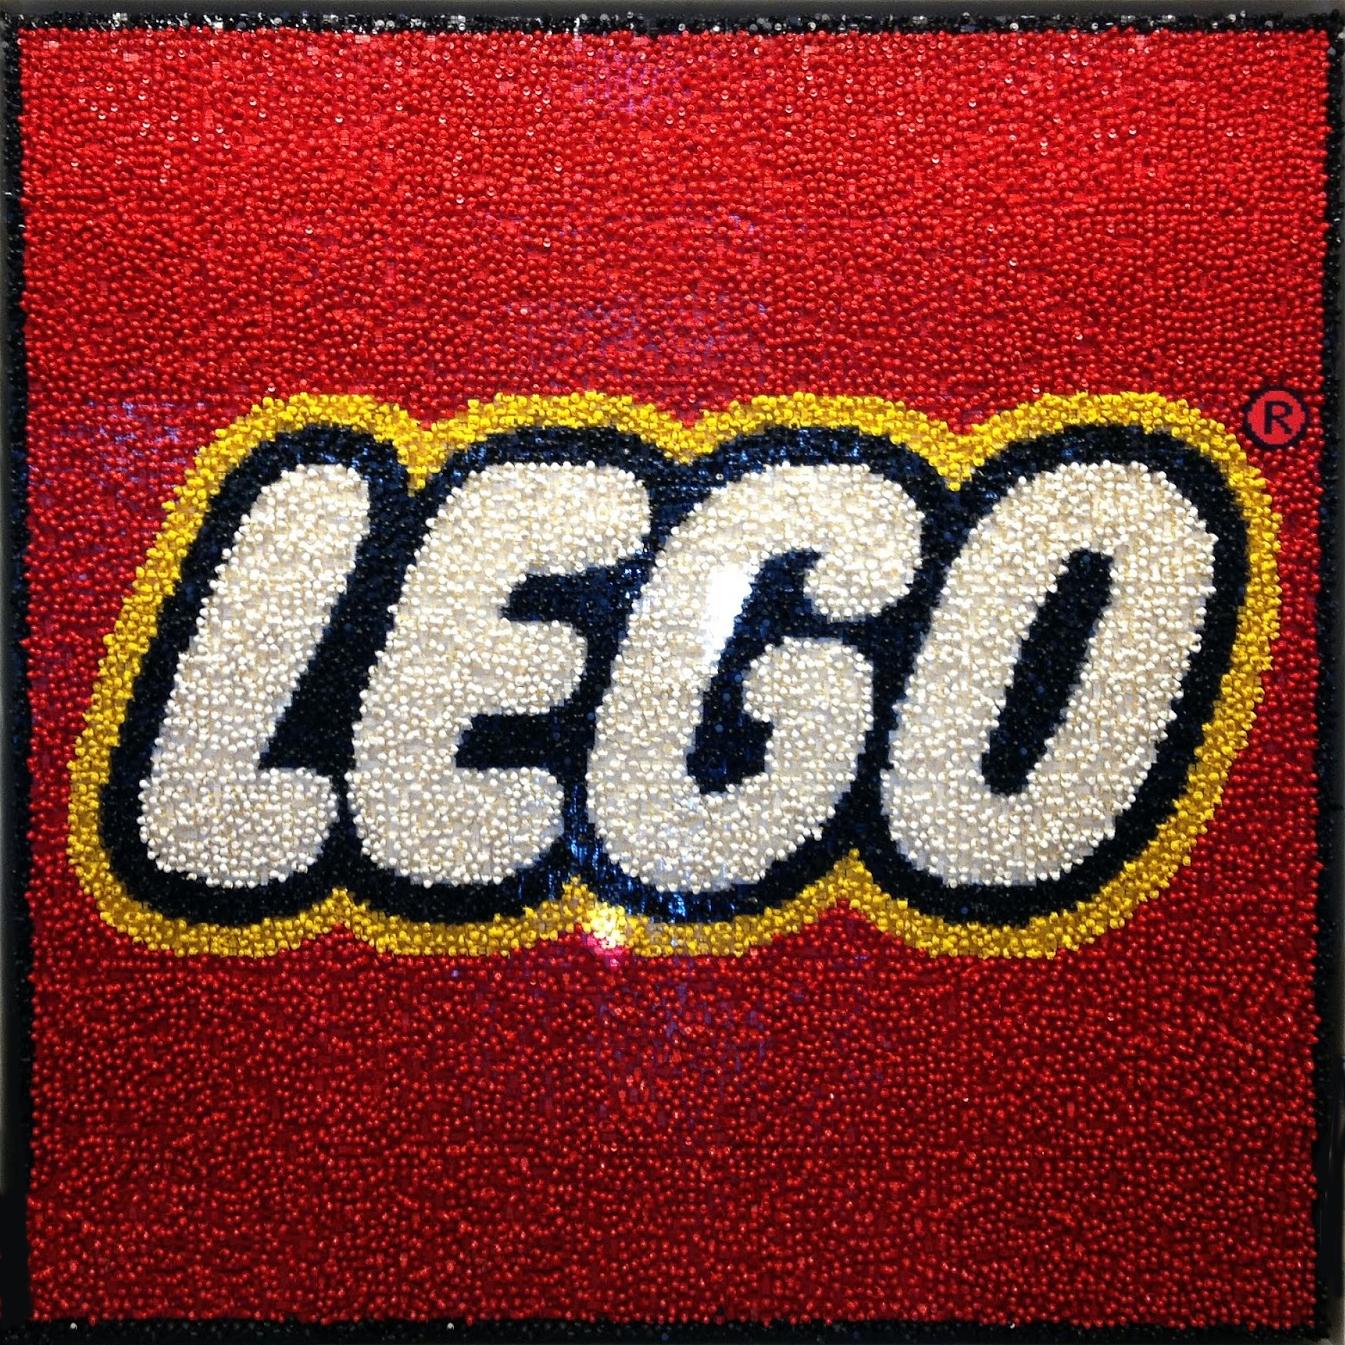 Sonntagsangebot 15% auf Lego: z.B. Star Wars 75148 Encounter on Jakku 75148 für 33,99€ bei [GALERIA Kaufhof]